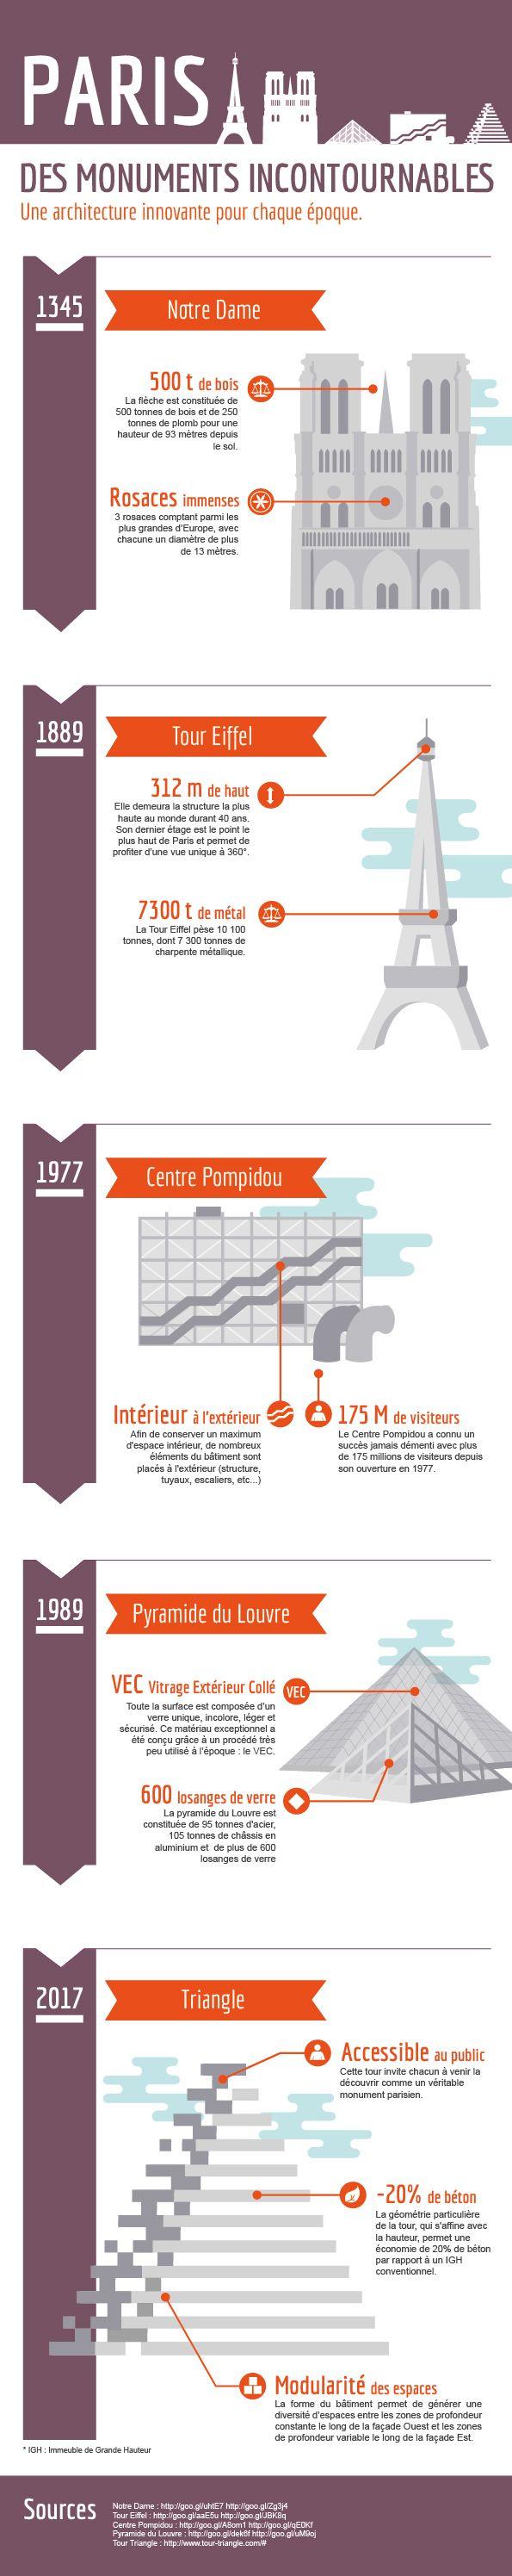 Une infographie sur l'histoire des monuments incontournables à Paris